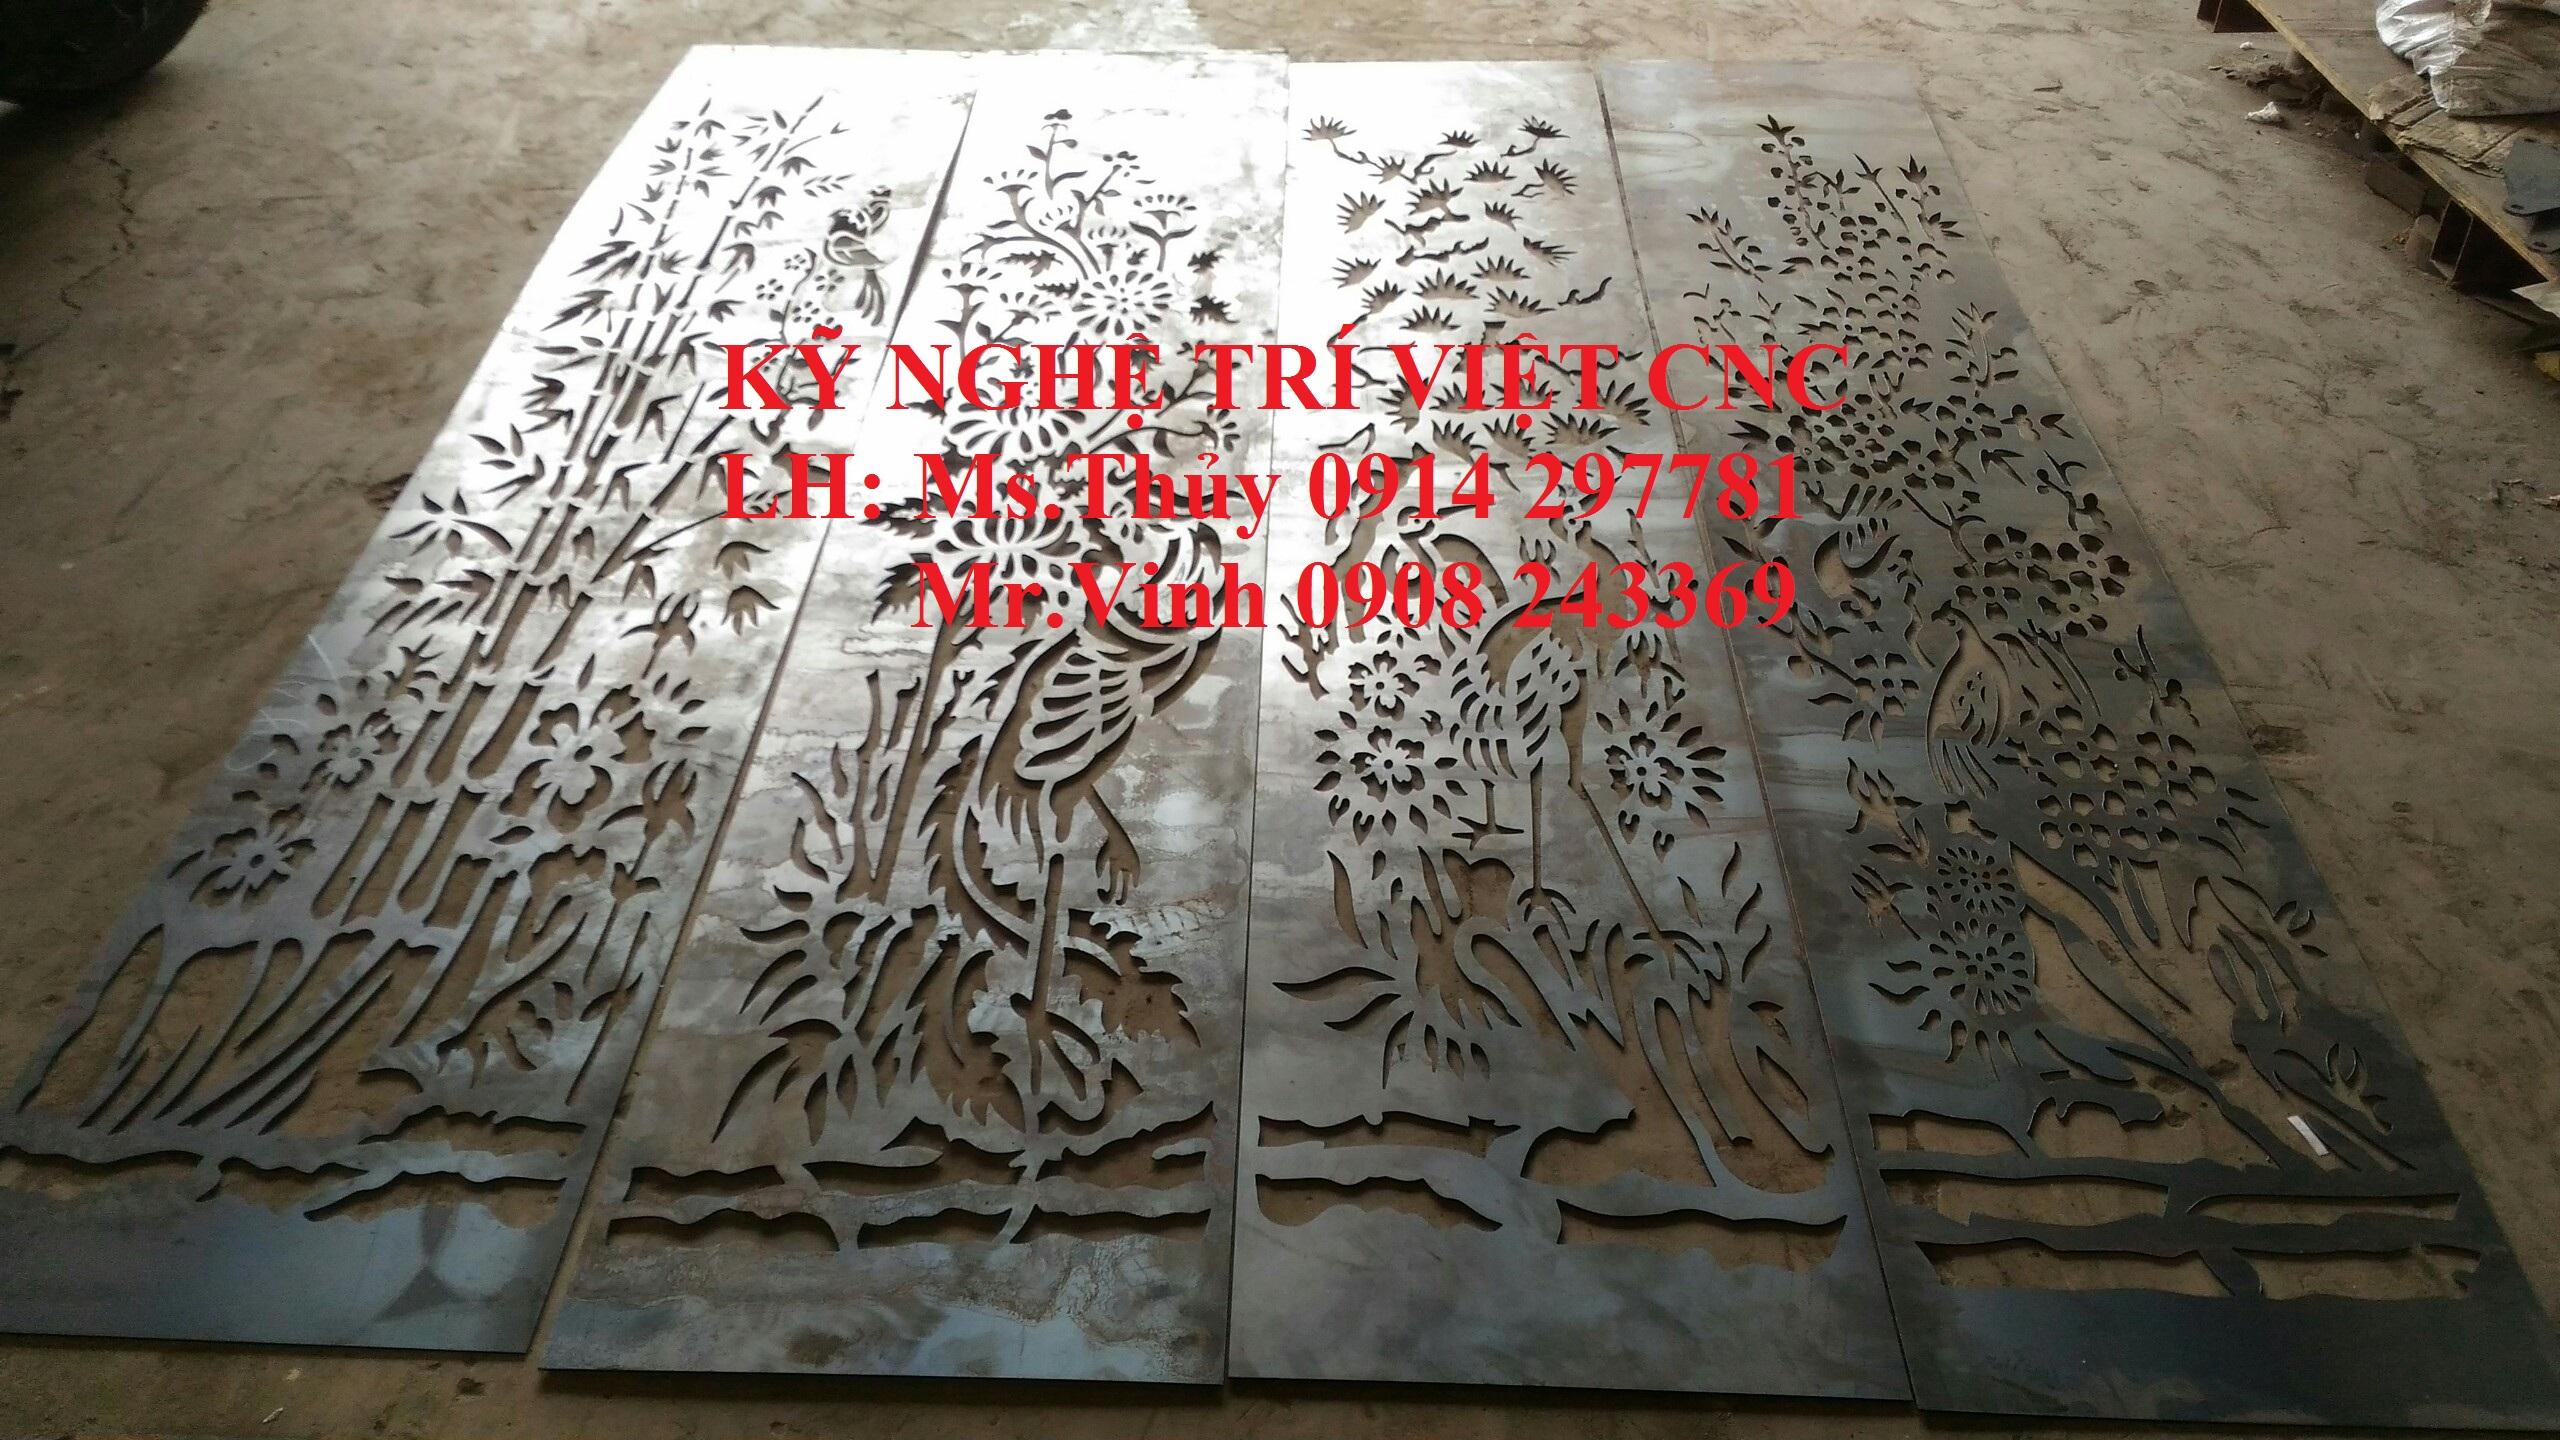 Cửa cổng tứ quý cắt cnc, mai lan cúc trúc cắt cnc trên sắt tấm